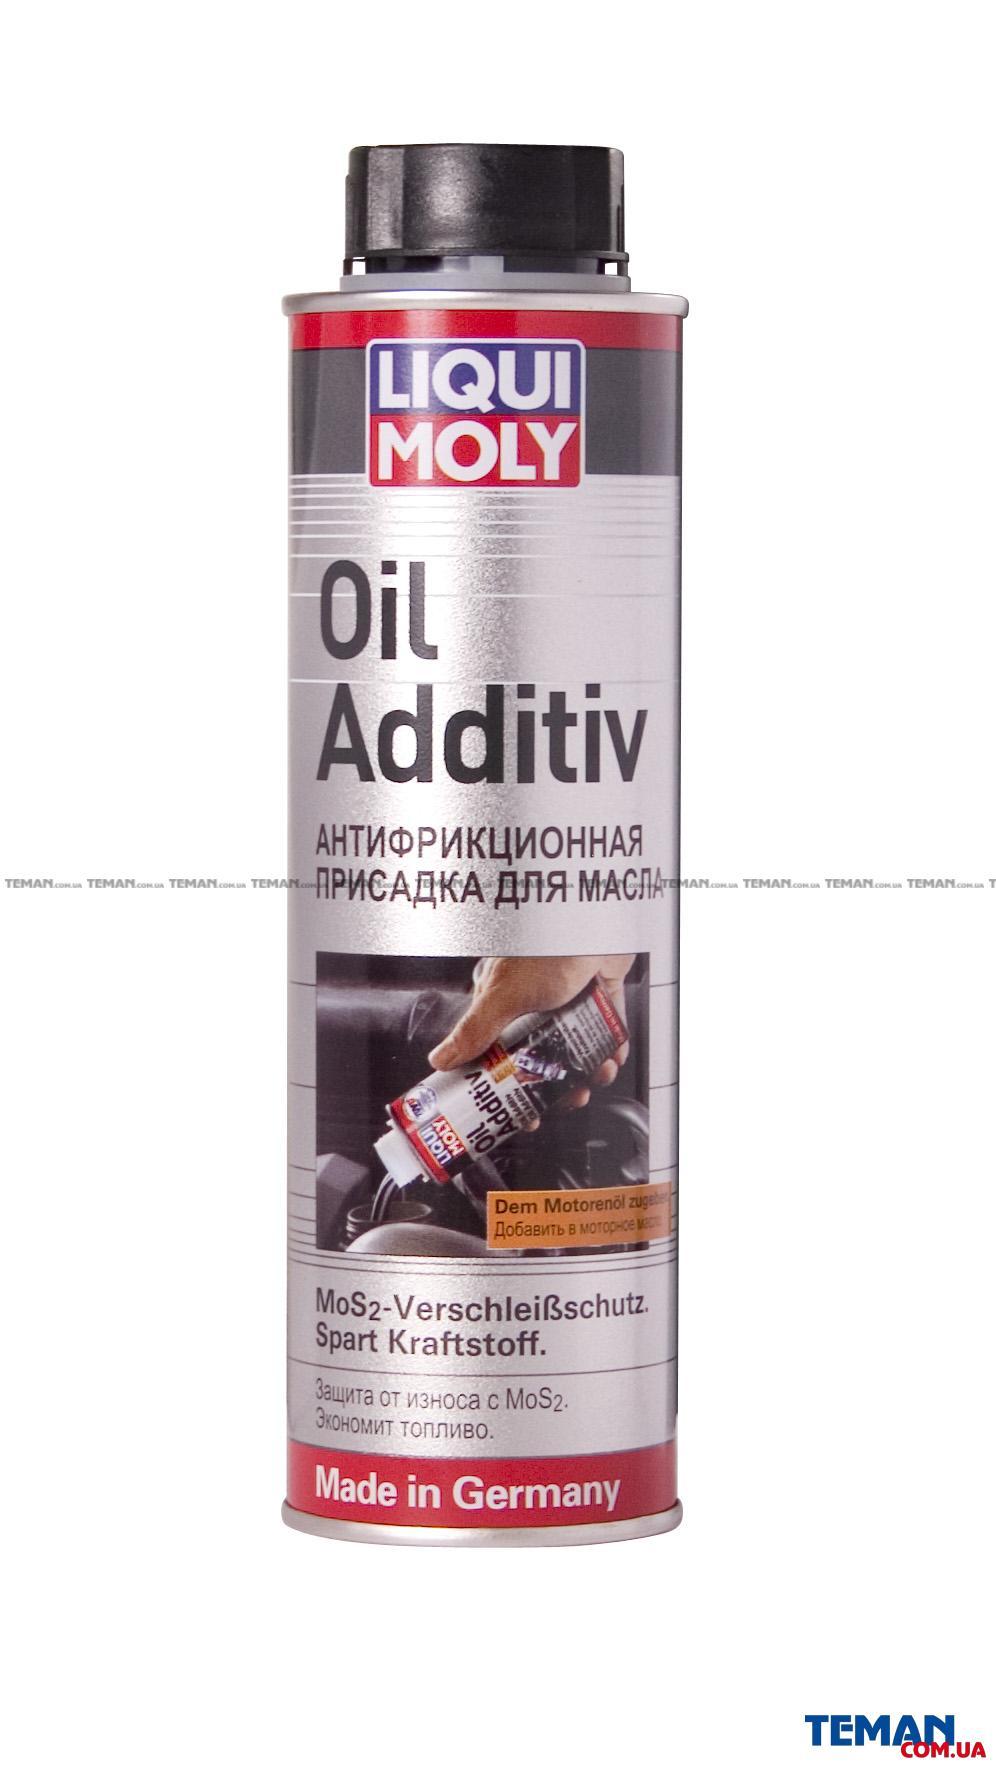 Антифрикционная присадка с дисульфидом молибдена в моторное масло Oil Additiv, 0,3 л